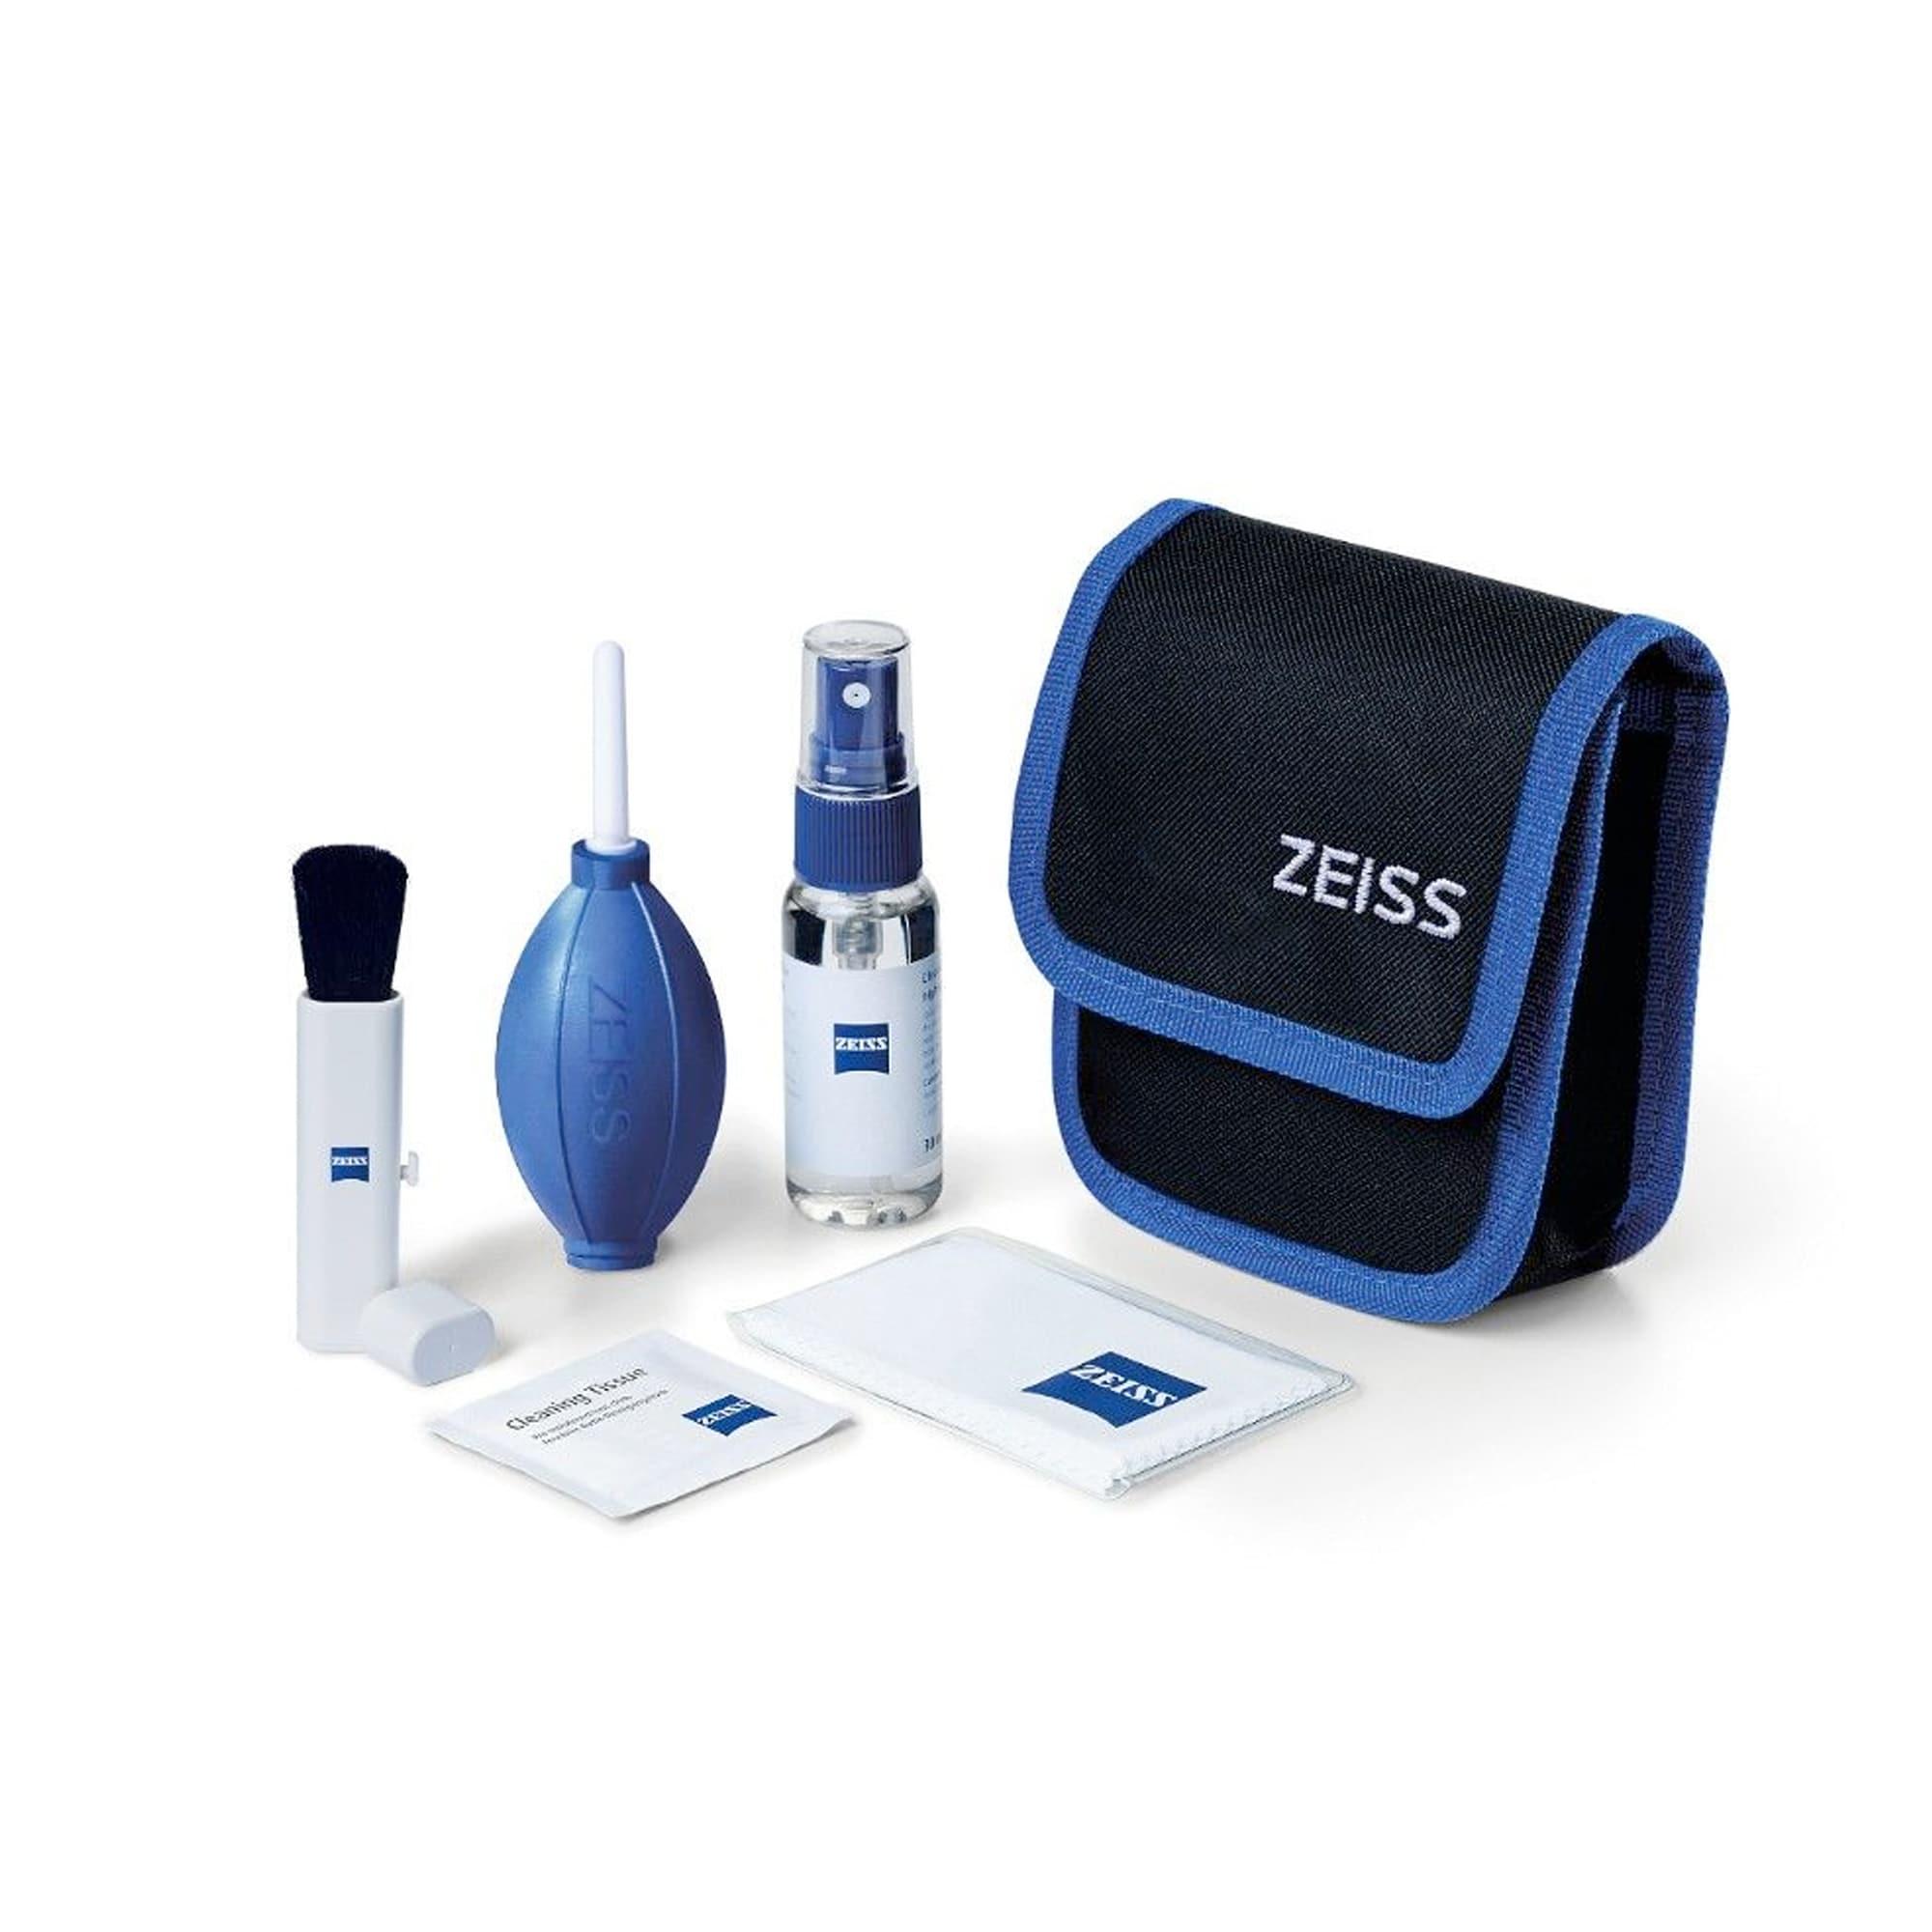 CARL ZEISS Lens Cleaning inkl blåsbälg Kit